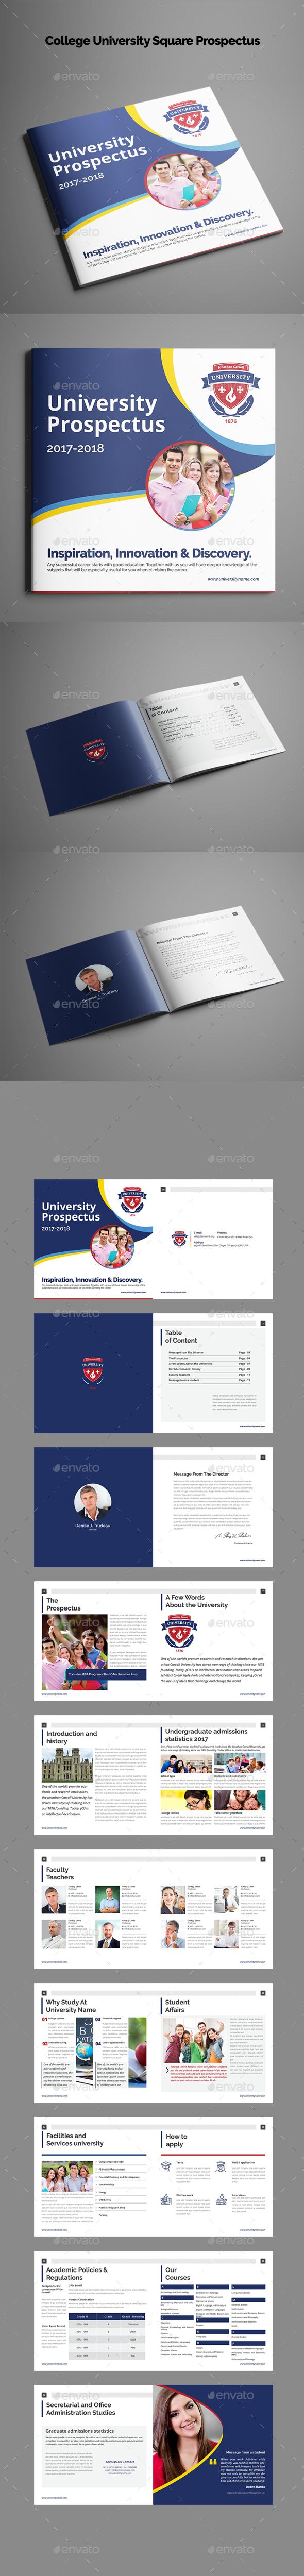 GraphicRiver College University Square Prospectus 21140643